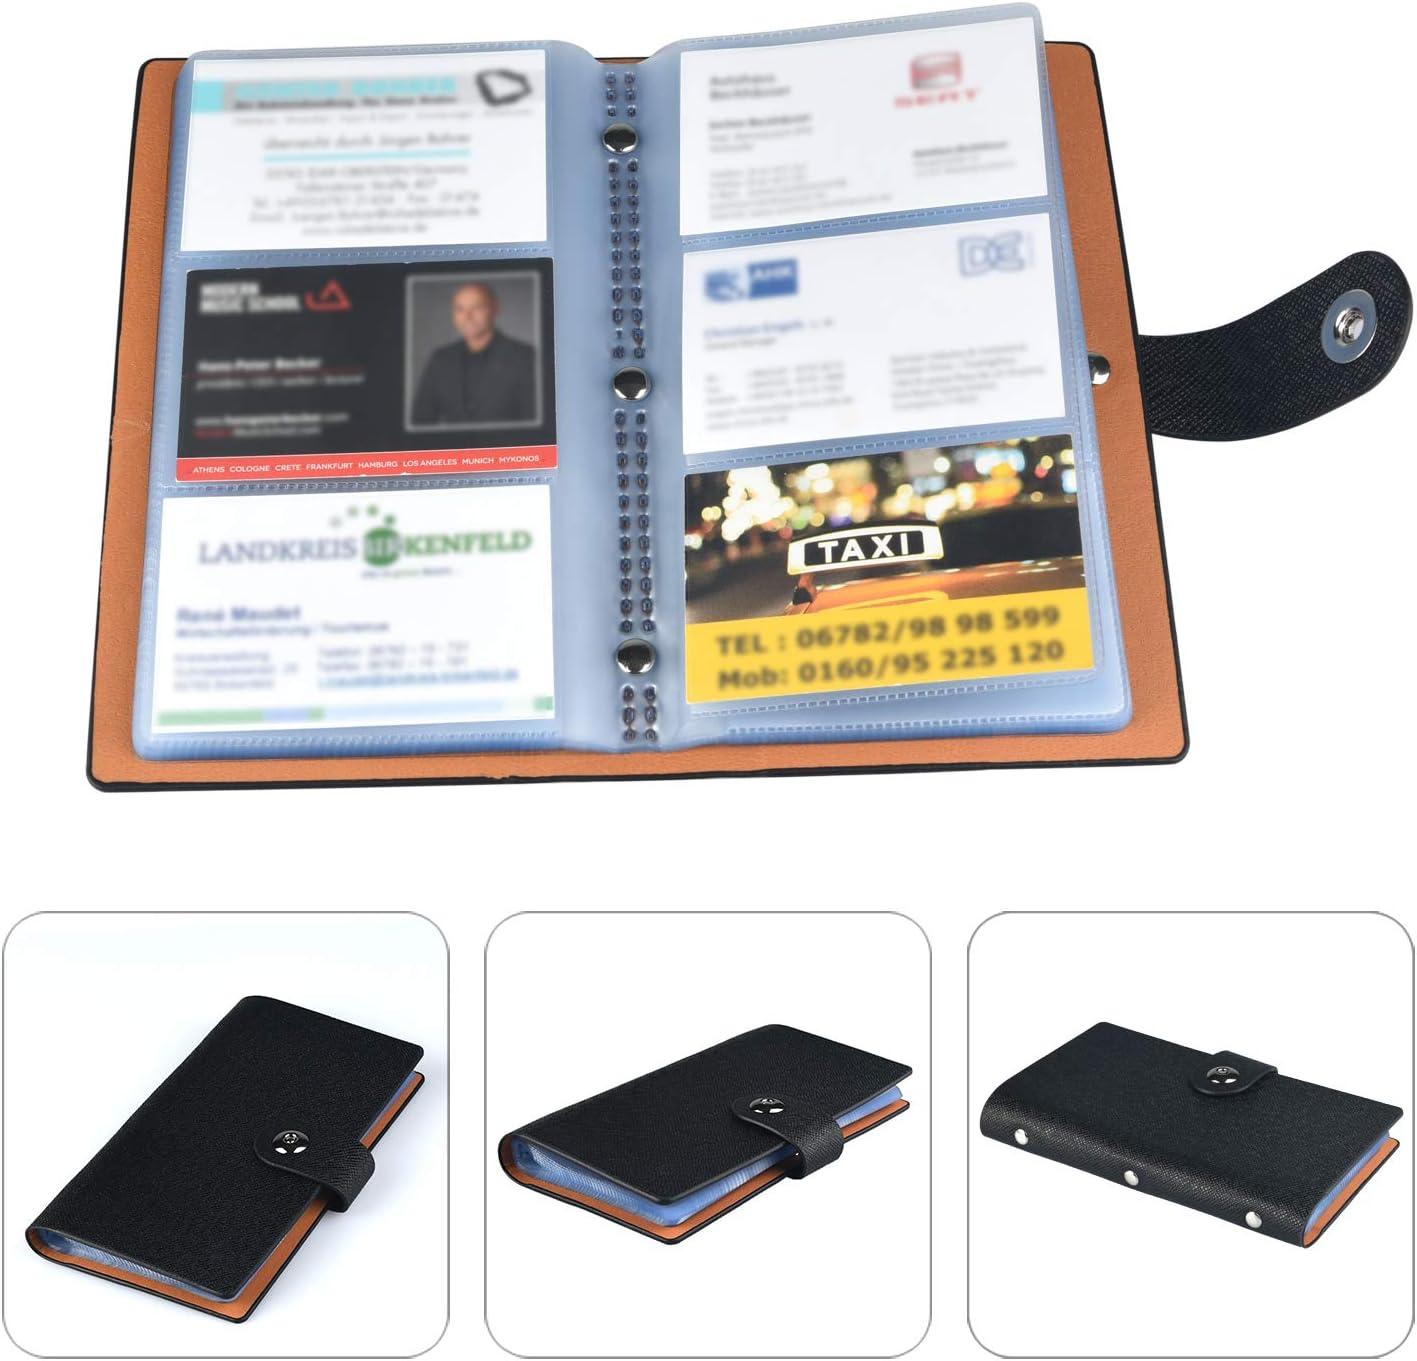 HOGAR AMO Visitenkarten Mappe f/ür 240 Karten Kreditkarten ID-Karte Bankkarte Fahrkarte Mitgliedskarte Organizer Harter Au/ßenbezug Kunstlerder Visitenkartenbuch Orange